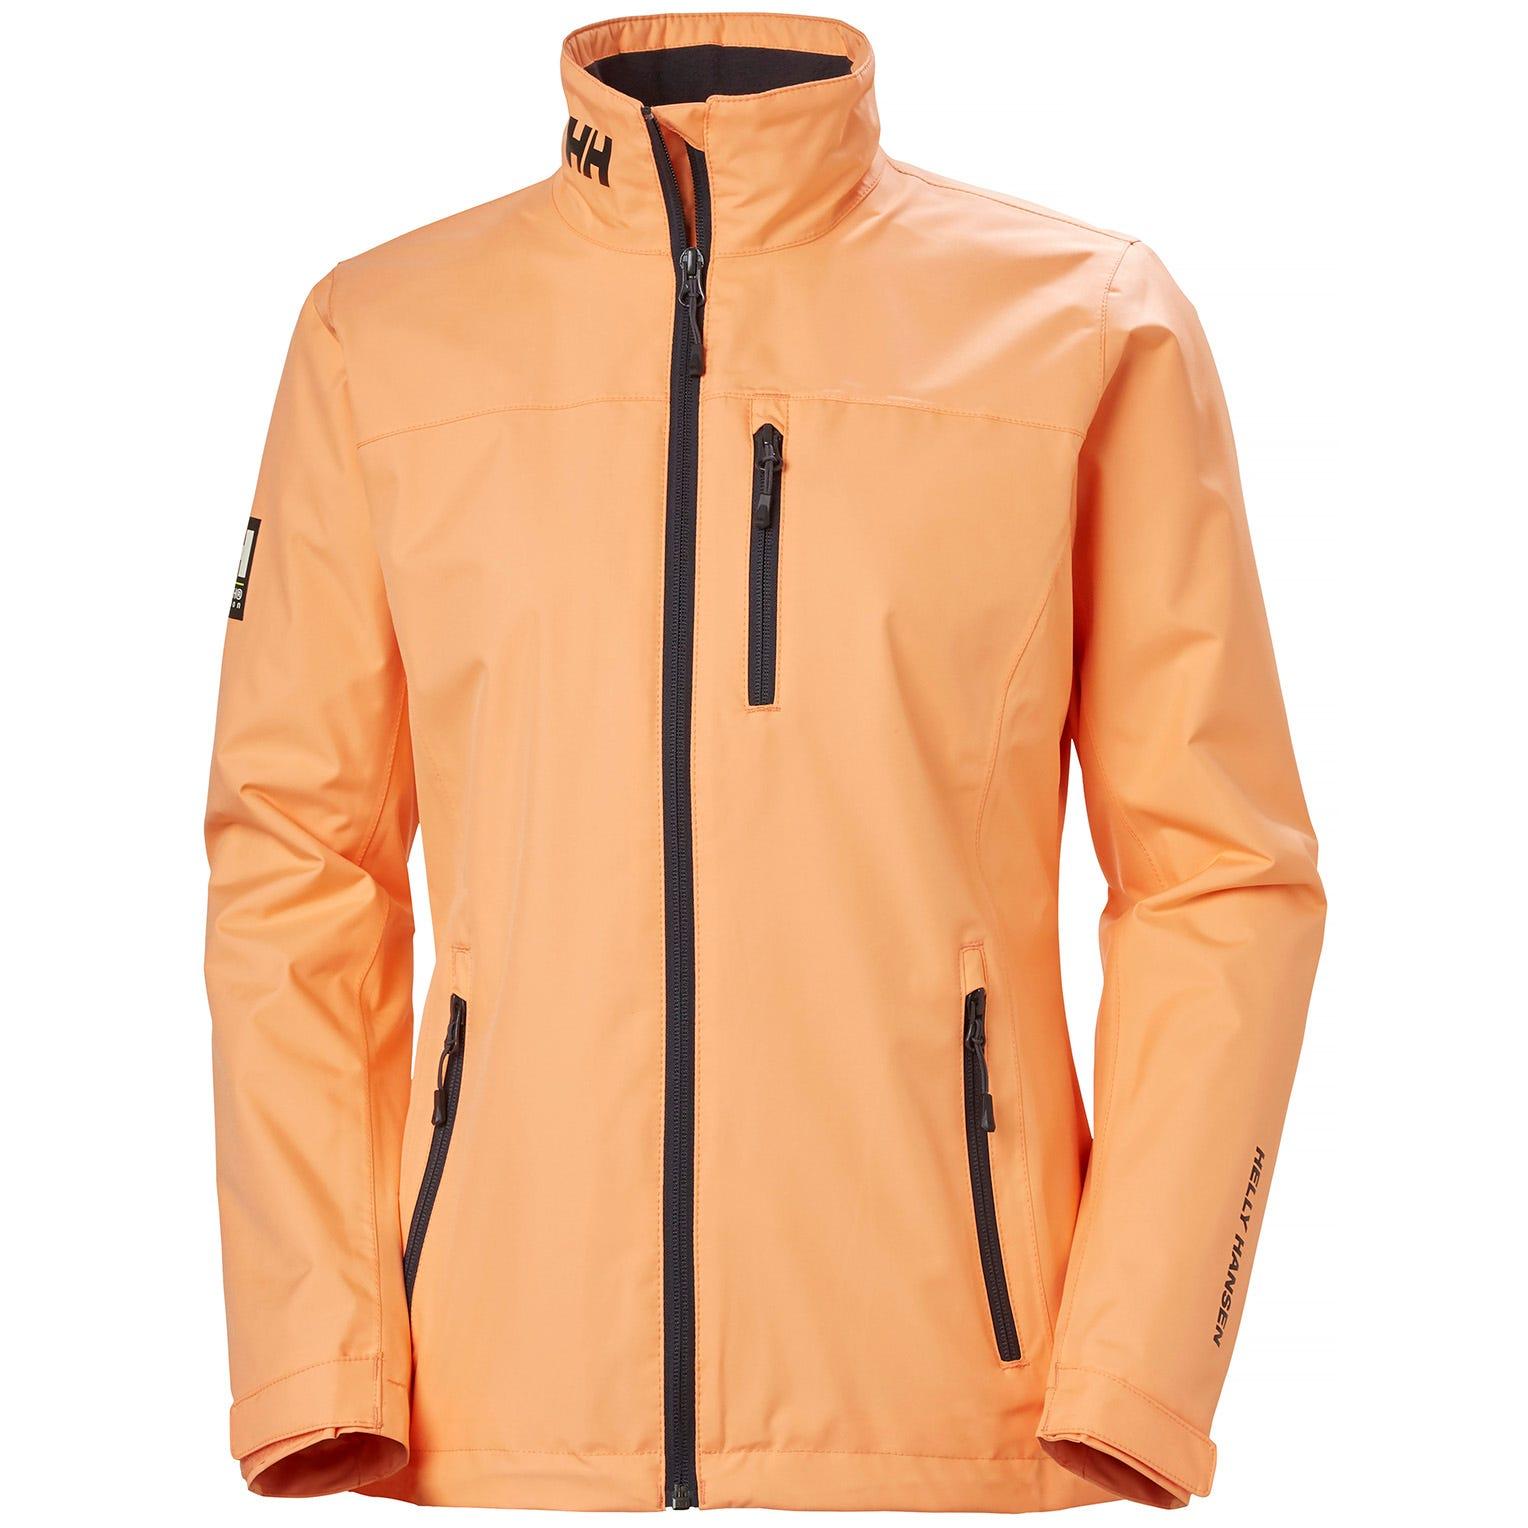 Helly Hansen Womens Sailing Jacket Orange L